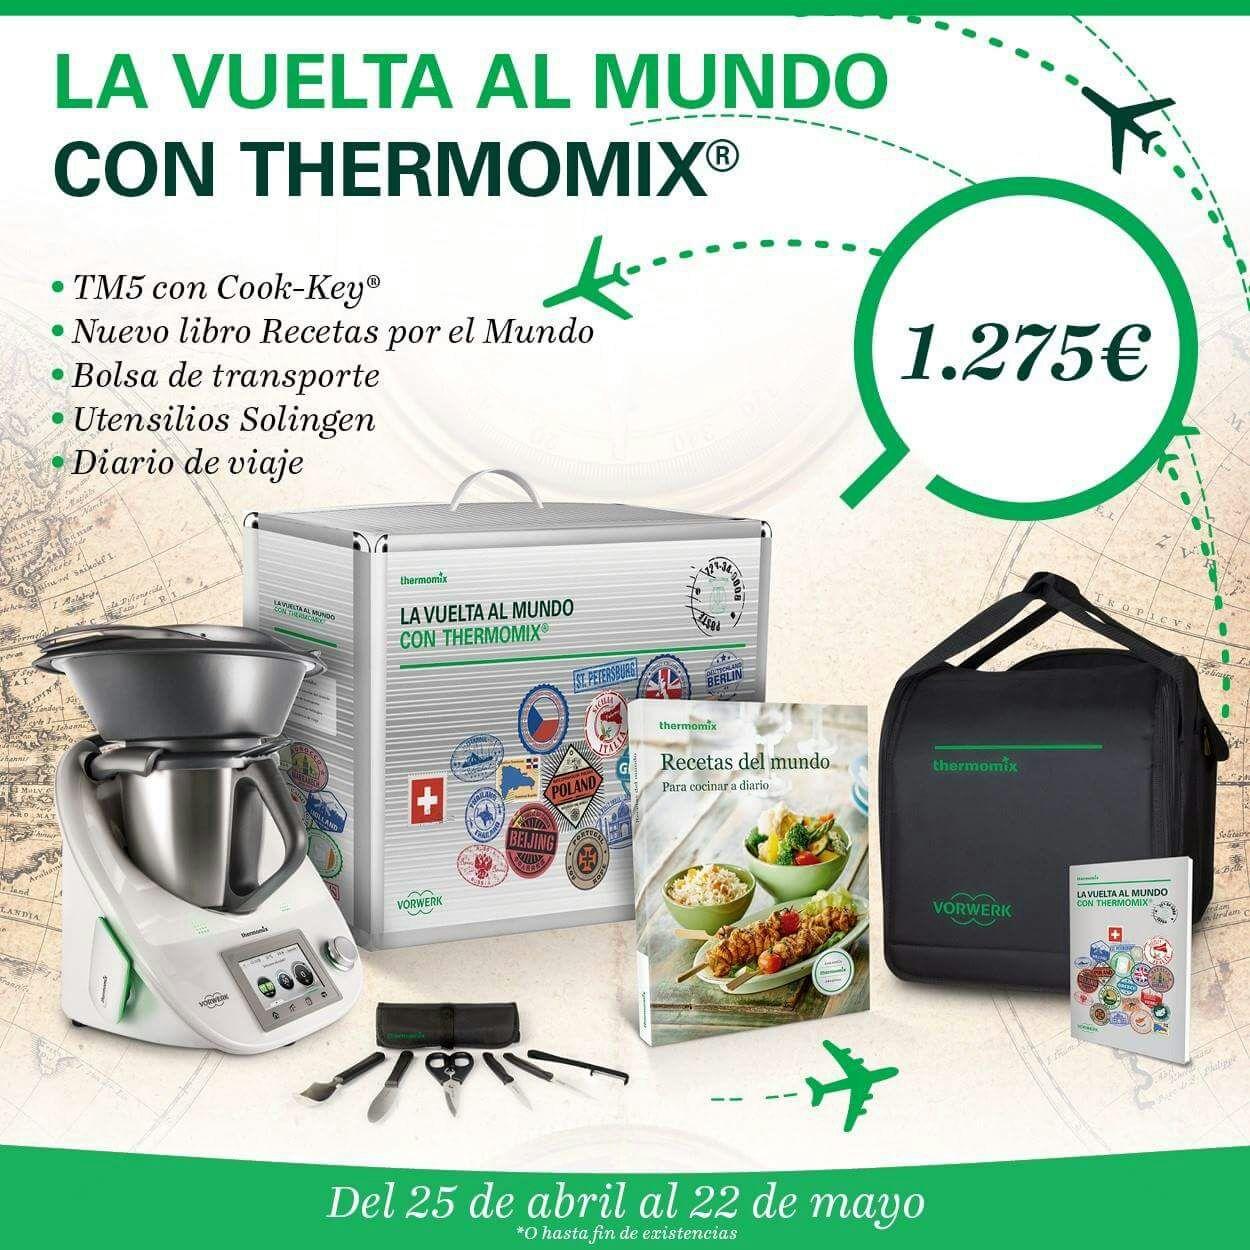 ULTIMOS DIAS DE LA EDICION ESPECIAL: LA VUELTA AL MUNDO CON Thermomix®